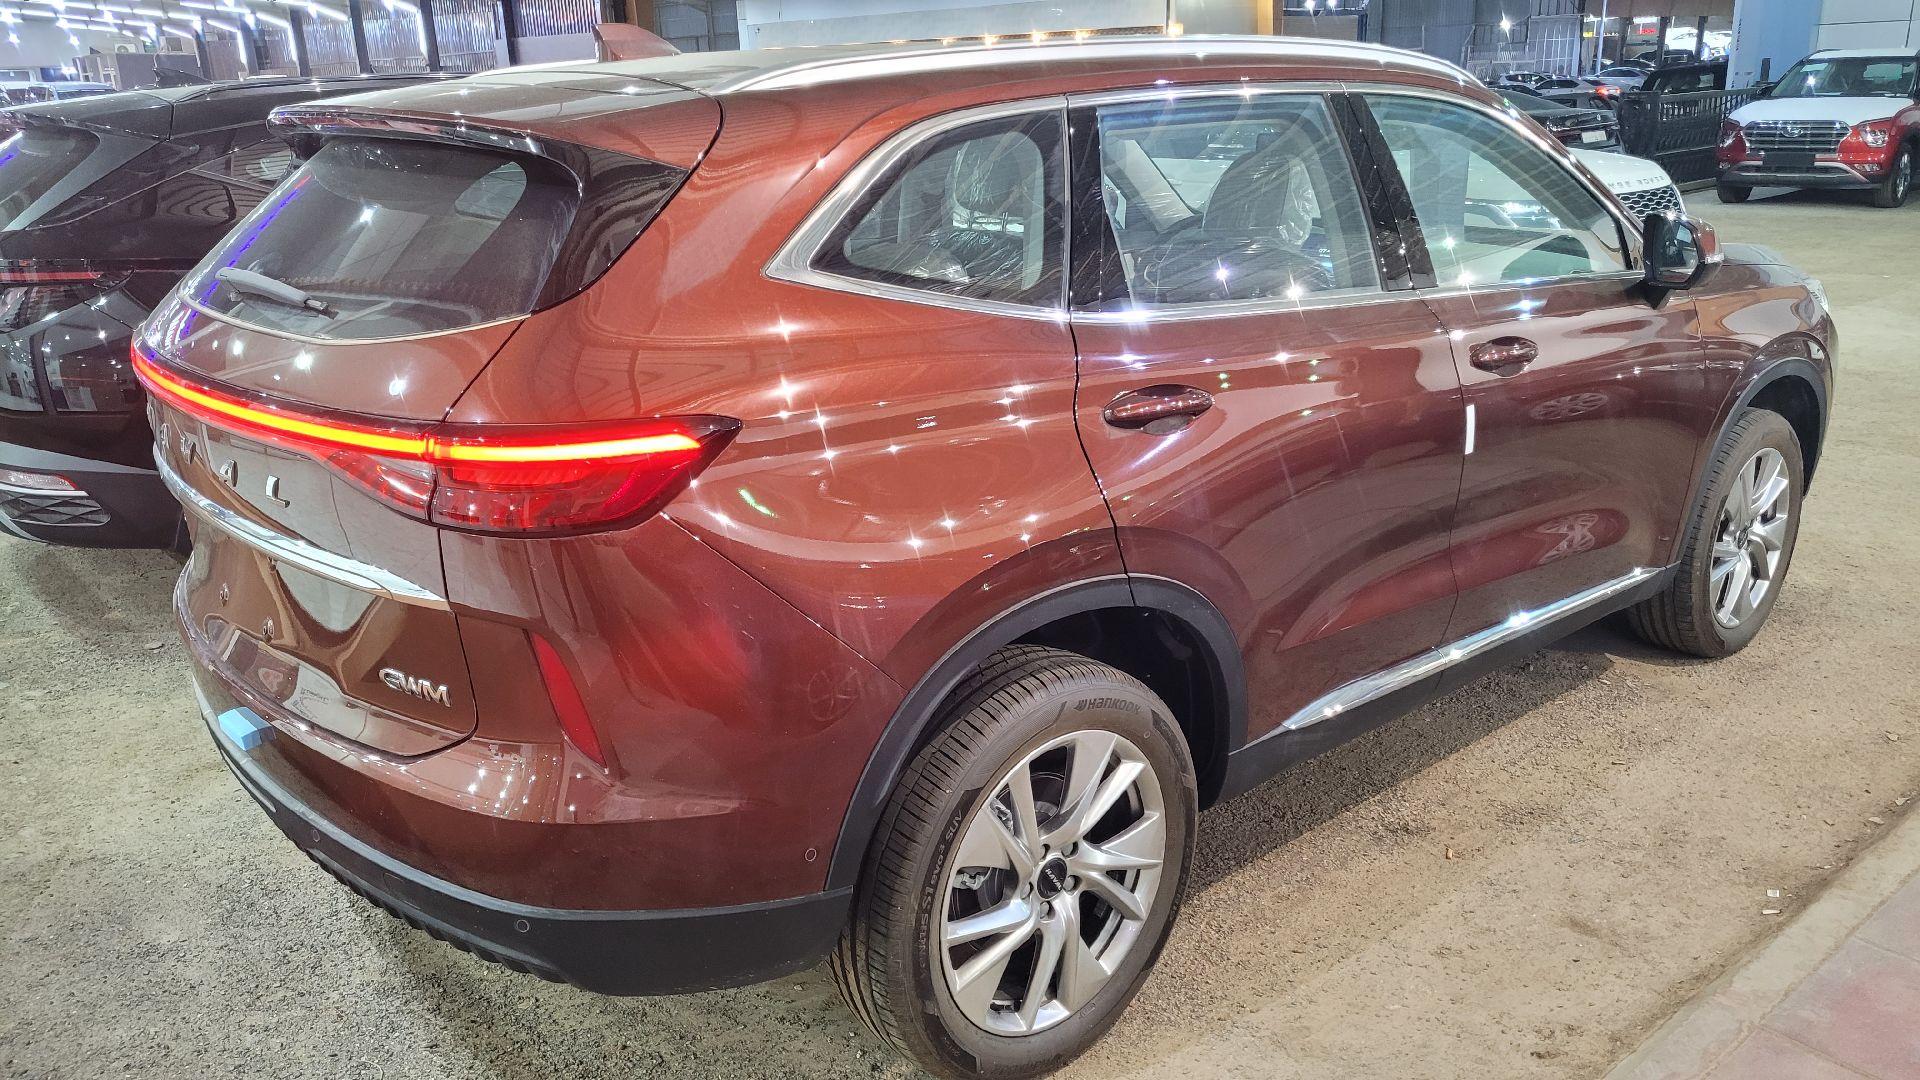 مباع - هافال H6 الشكل الجديد Premium 2022 فل سعودي للبيع في الرياض - السعودية - صورة كبيرة - 6